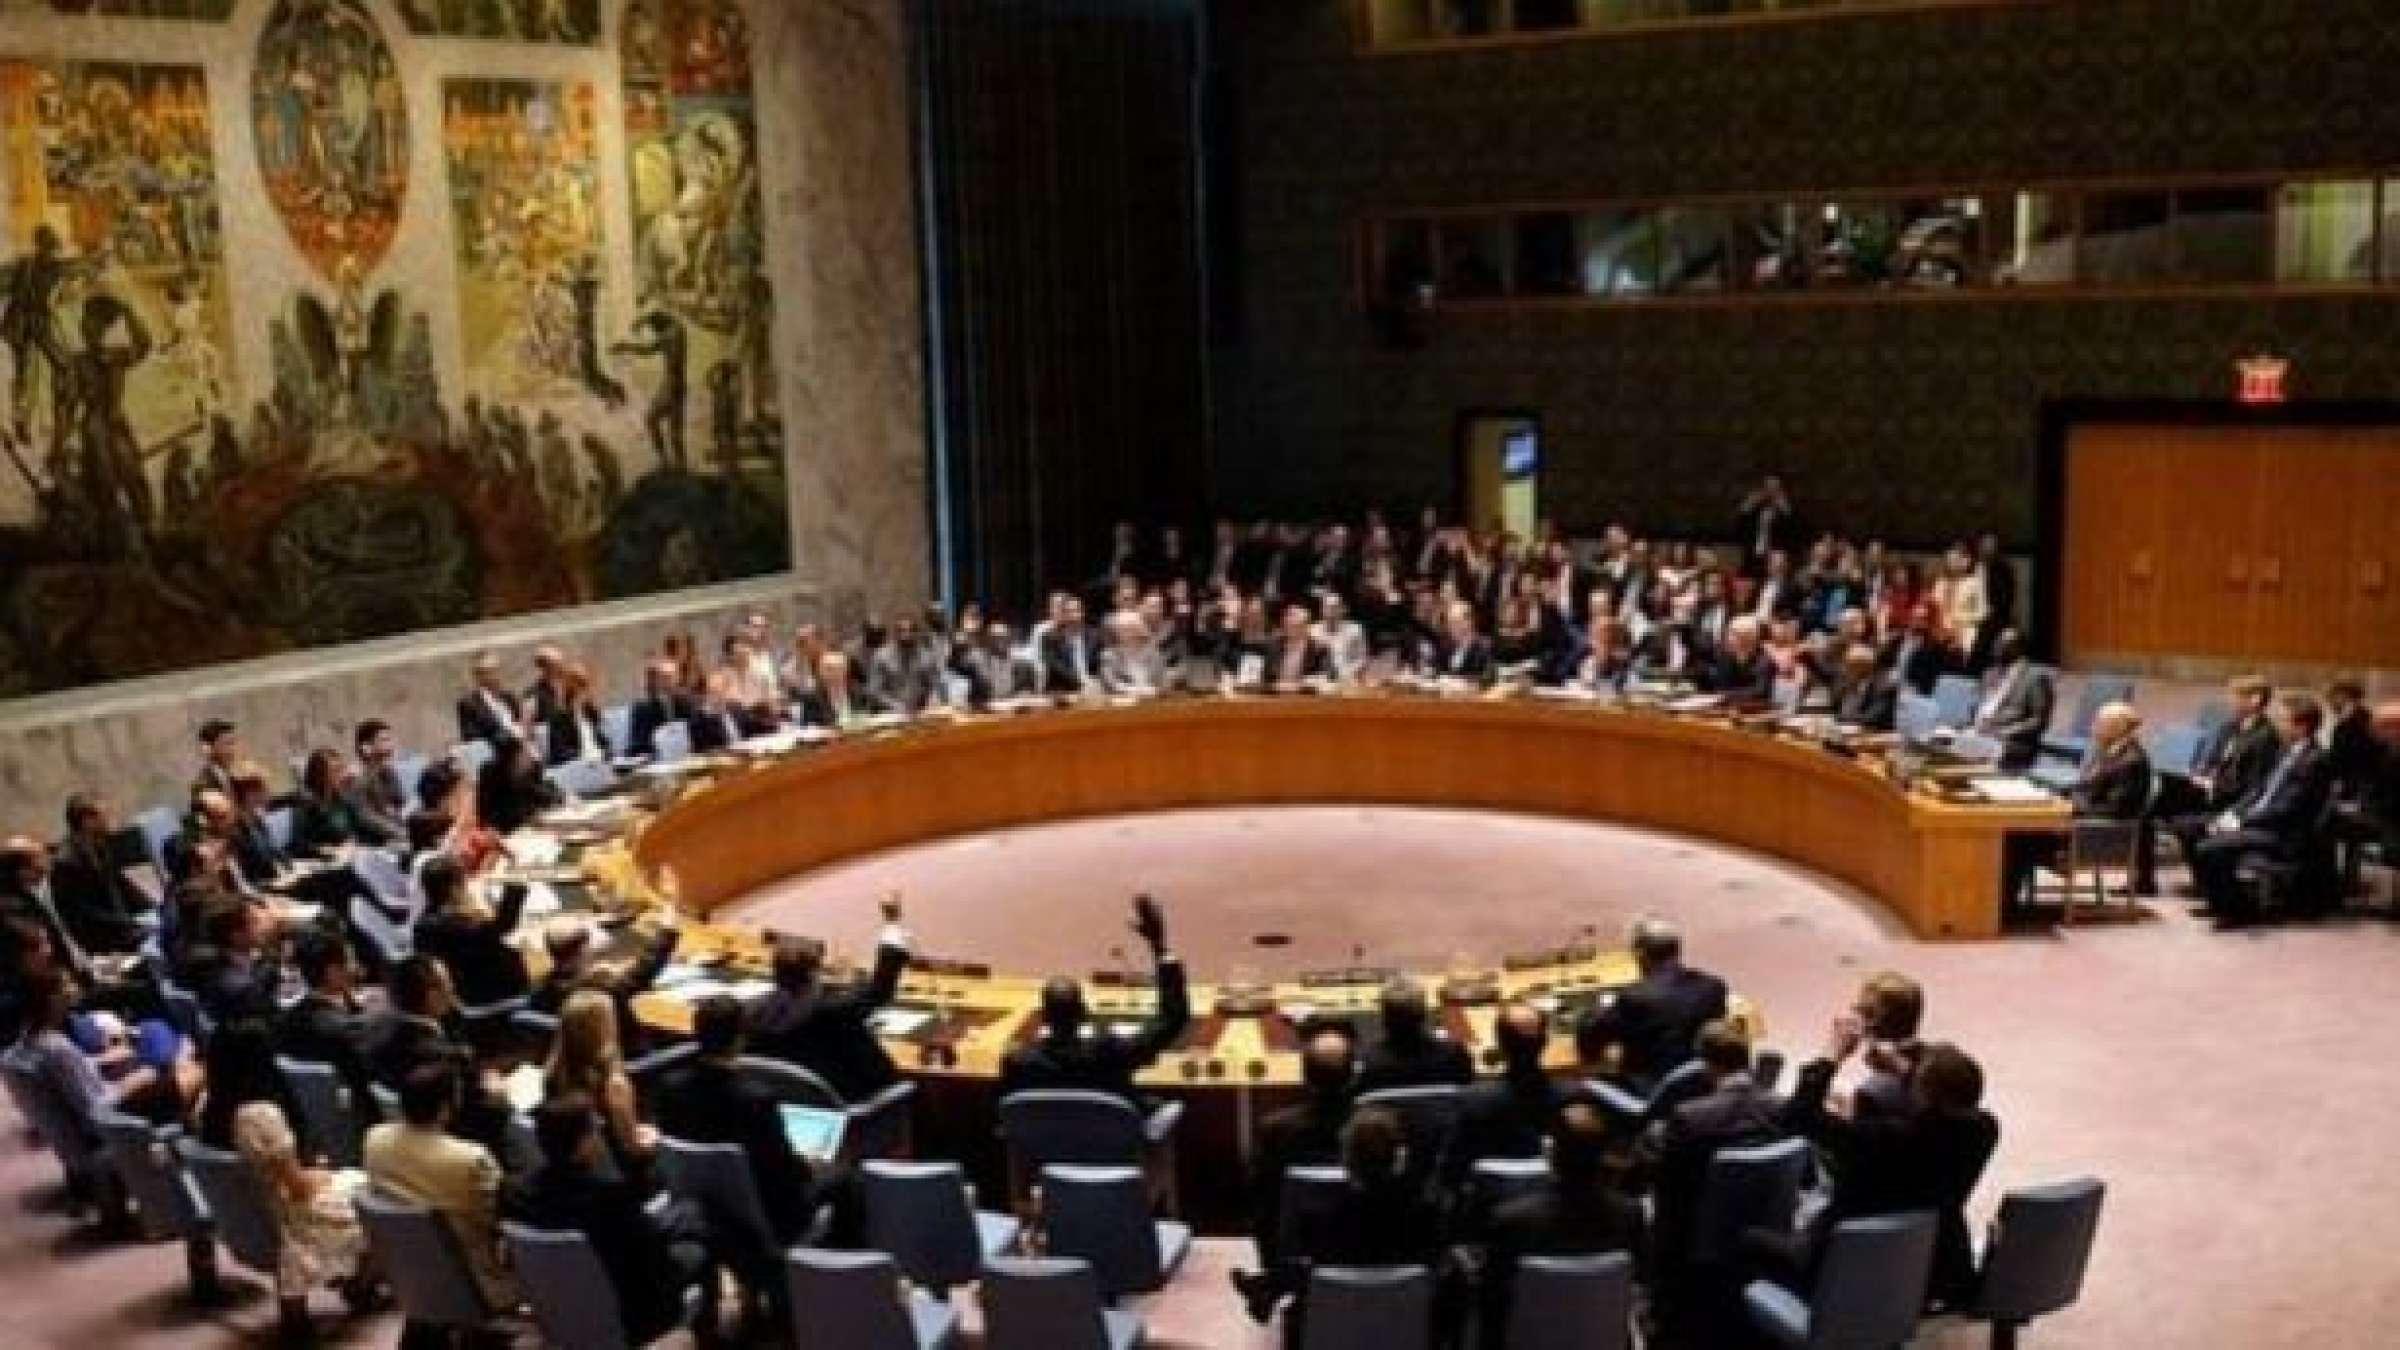 شکست-قطعنامه-آمریکا-برای- تمدید- تحریم-تسلیحاتی-جمهوری-اسلامی-تنها-آمریکا-و-دومینیکن-از-15 -عضو-به-قطعنامه-رای-مثبت-دادند